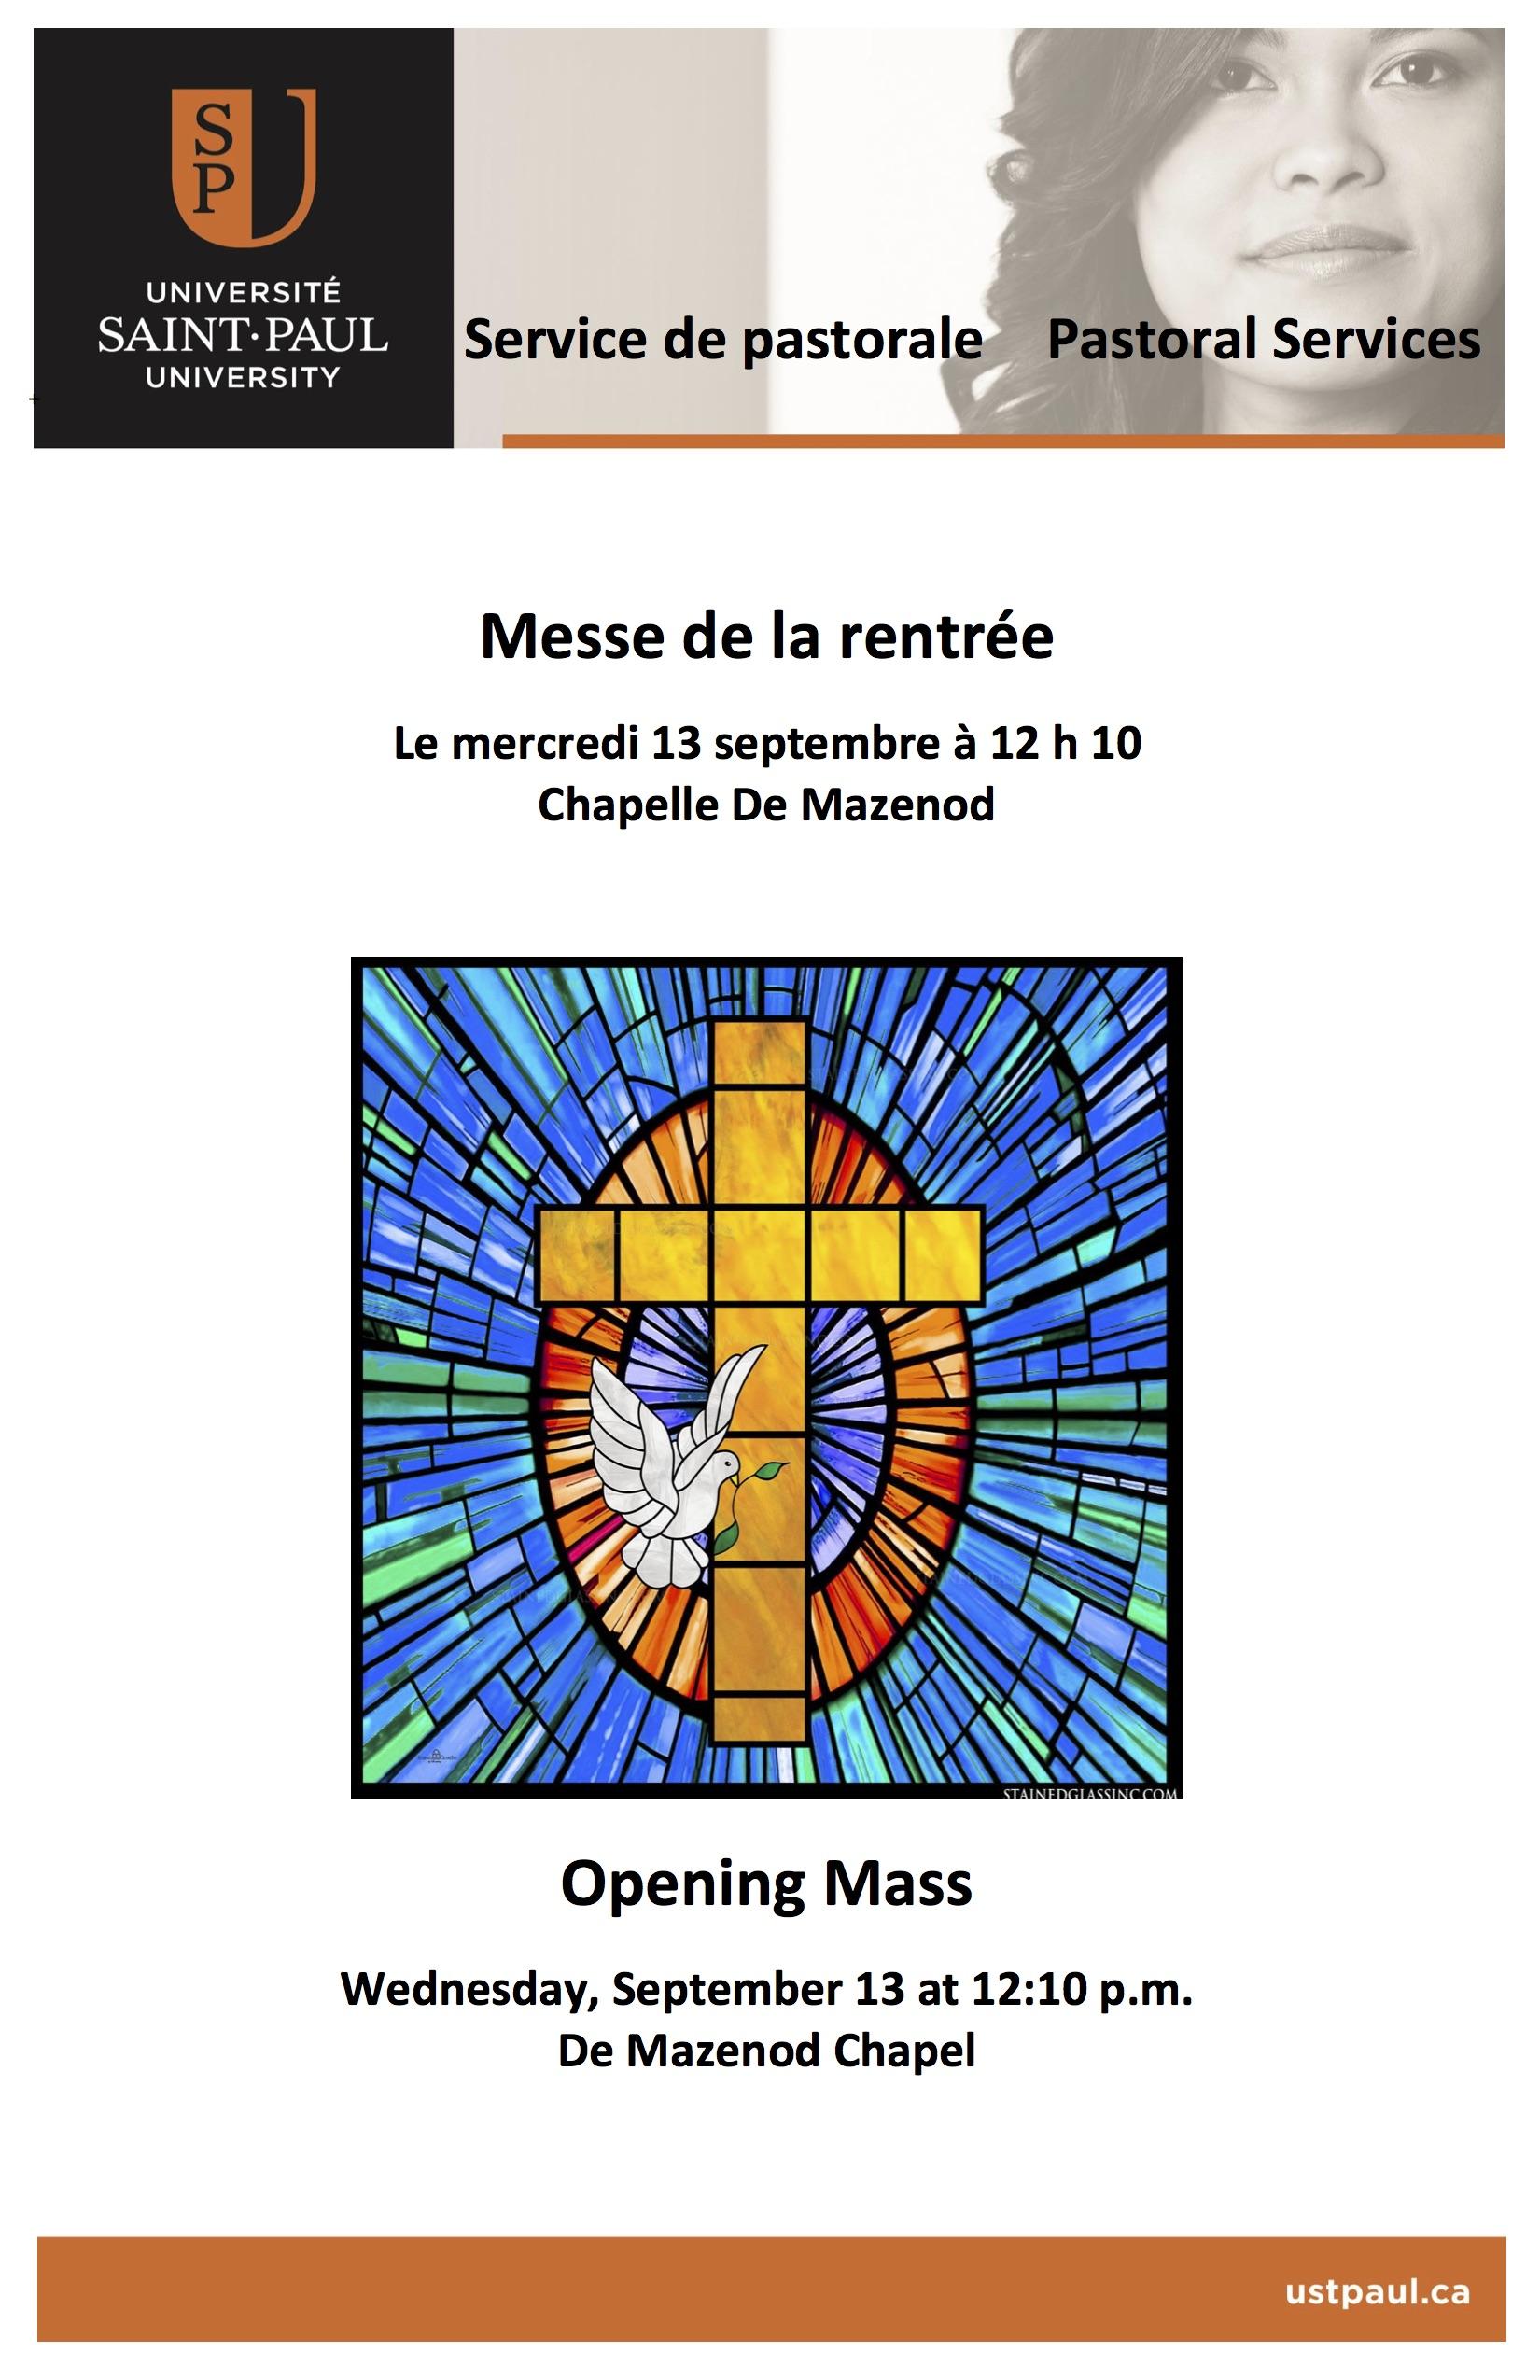 Opening Mass 2017